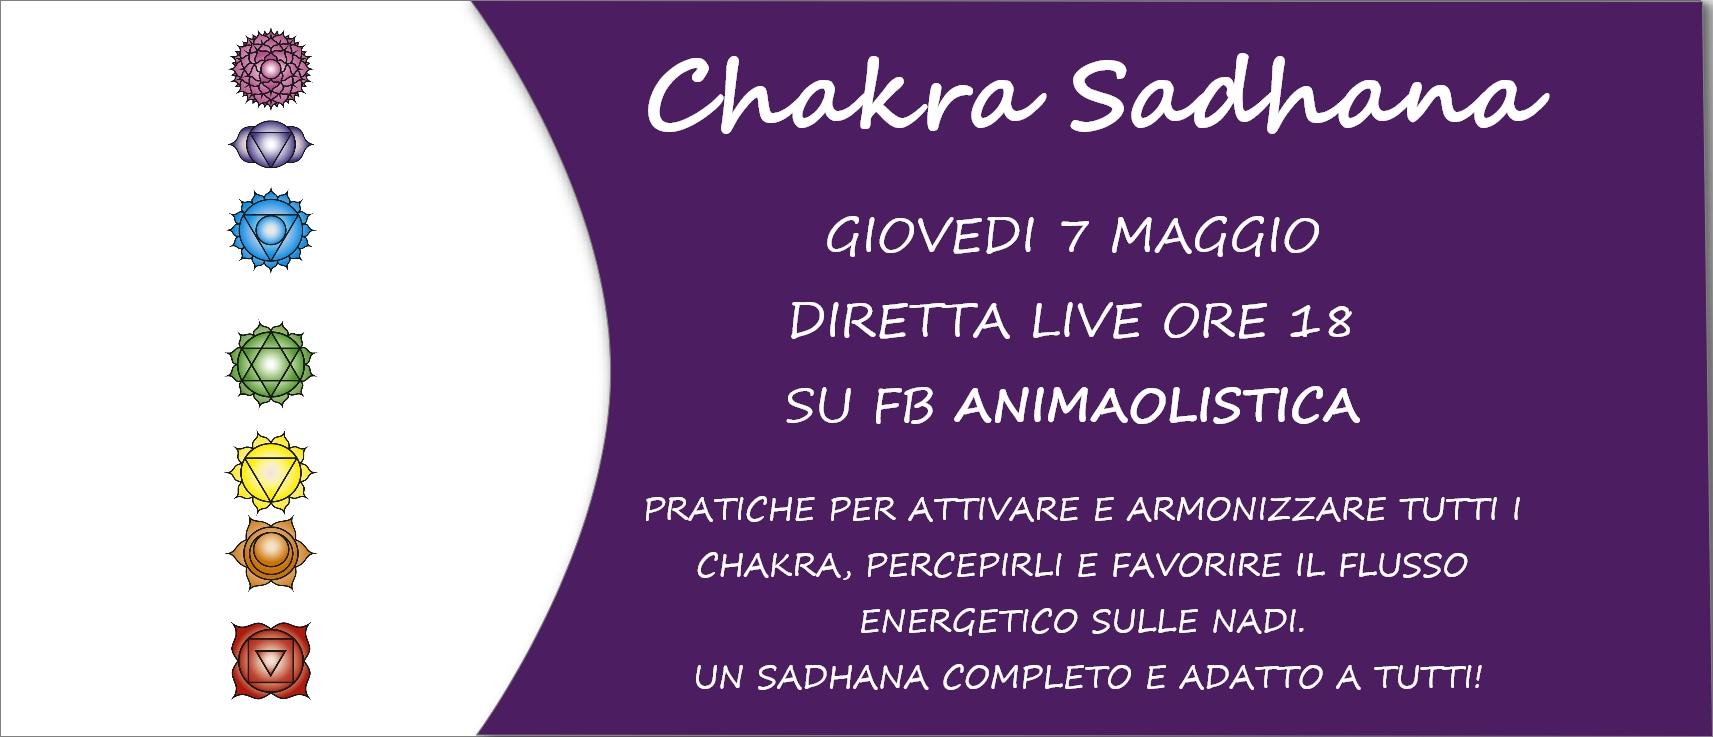 Chakra Sadhana 7 maggio